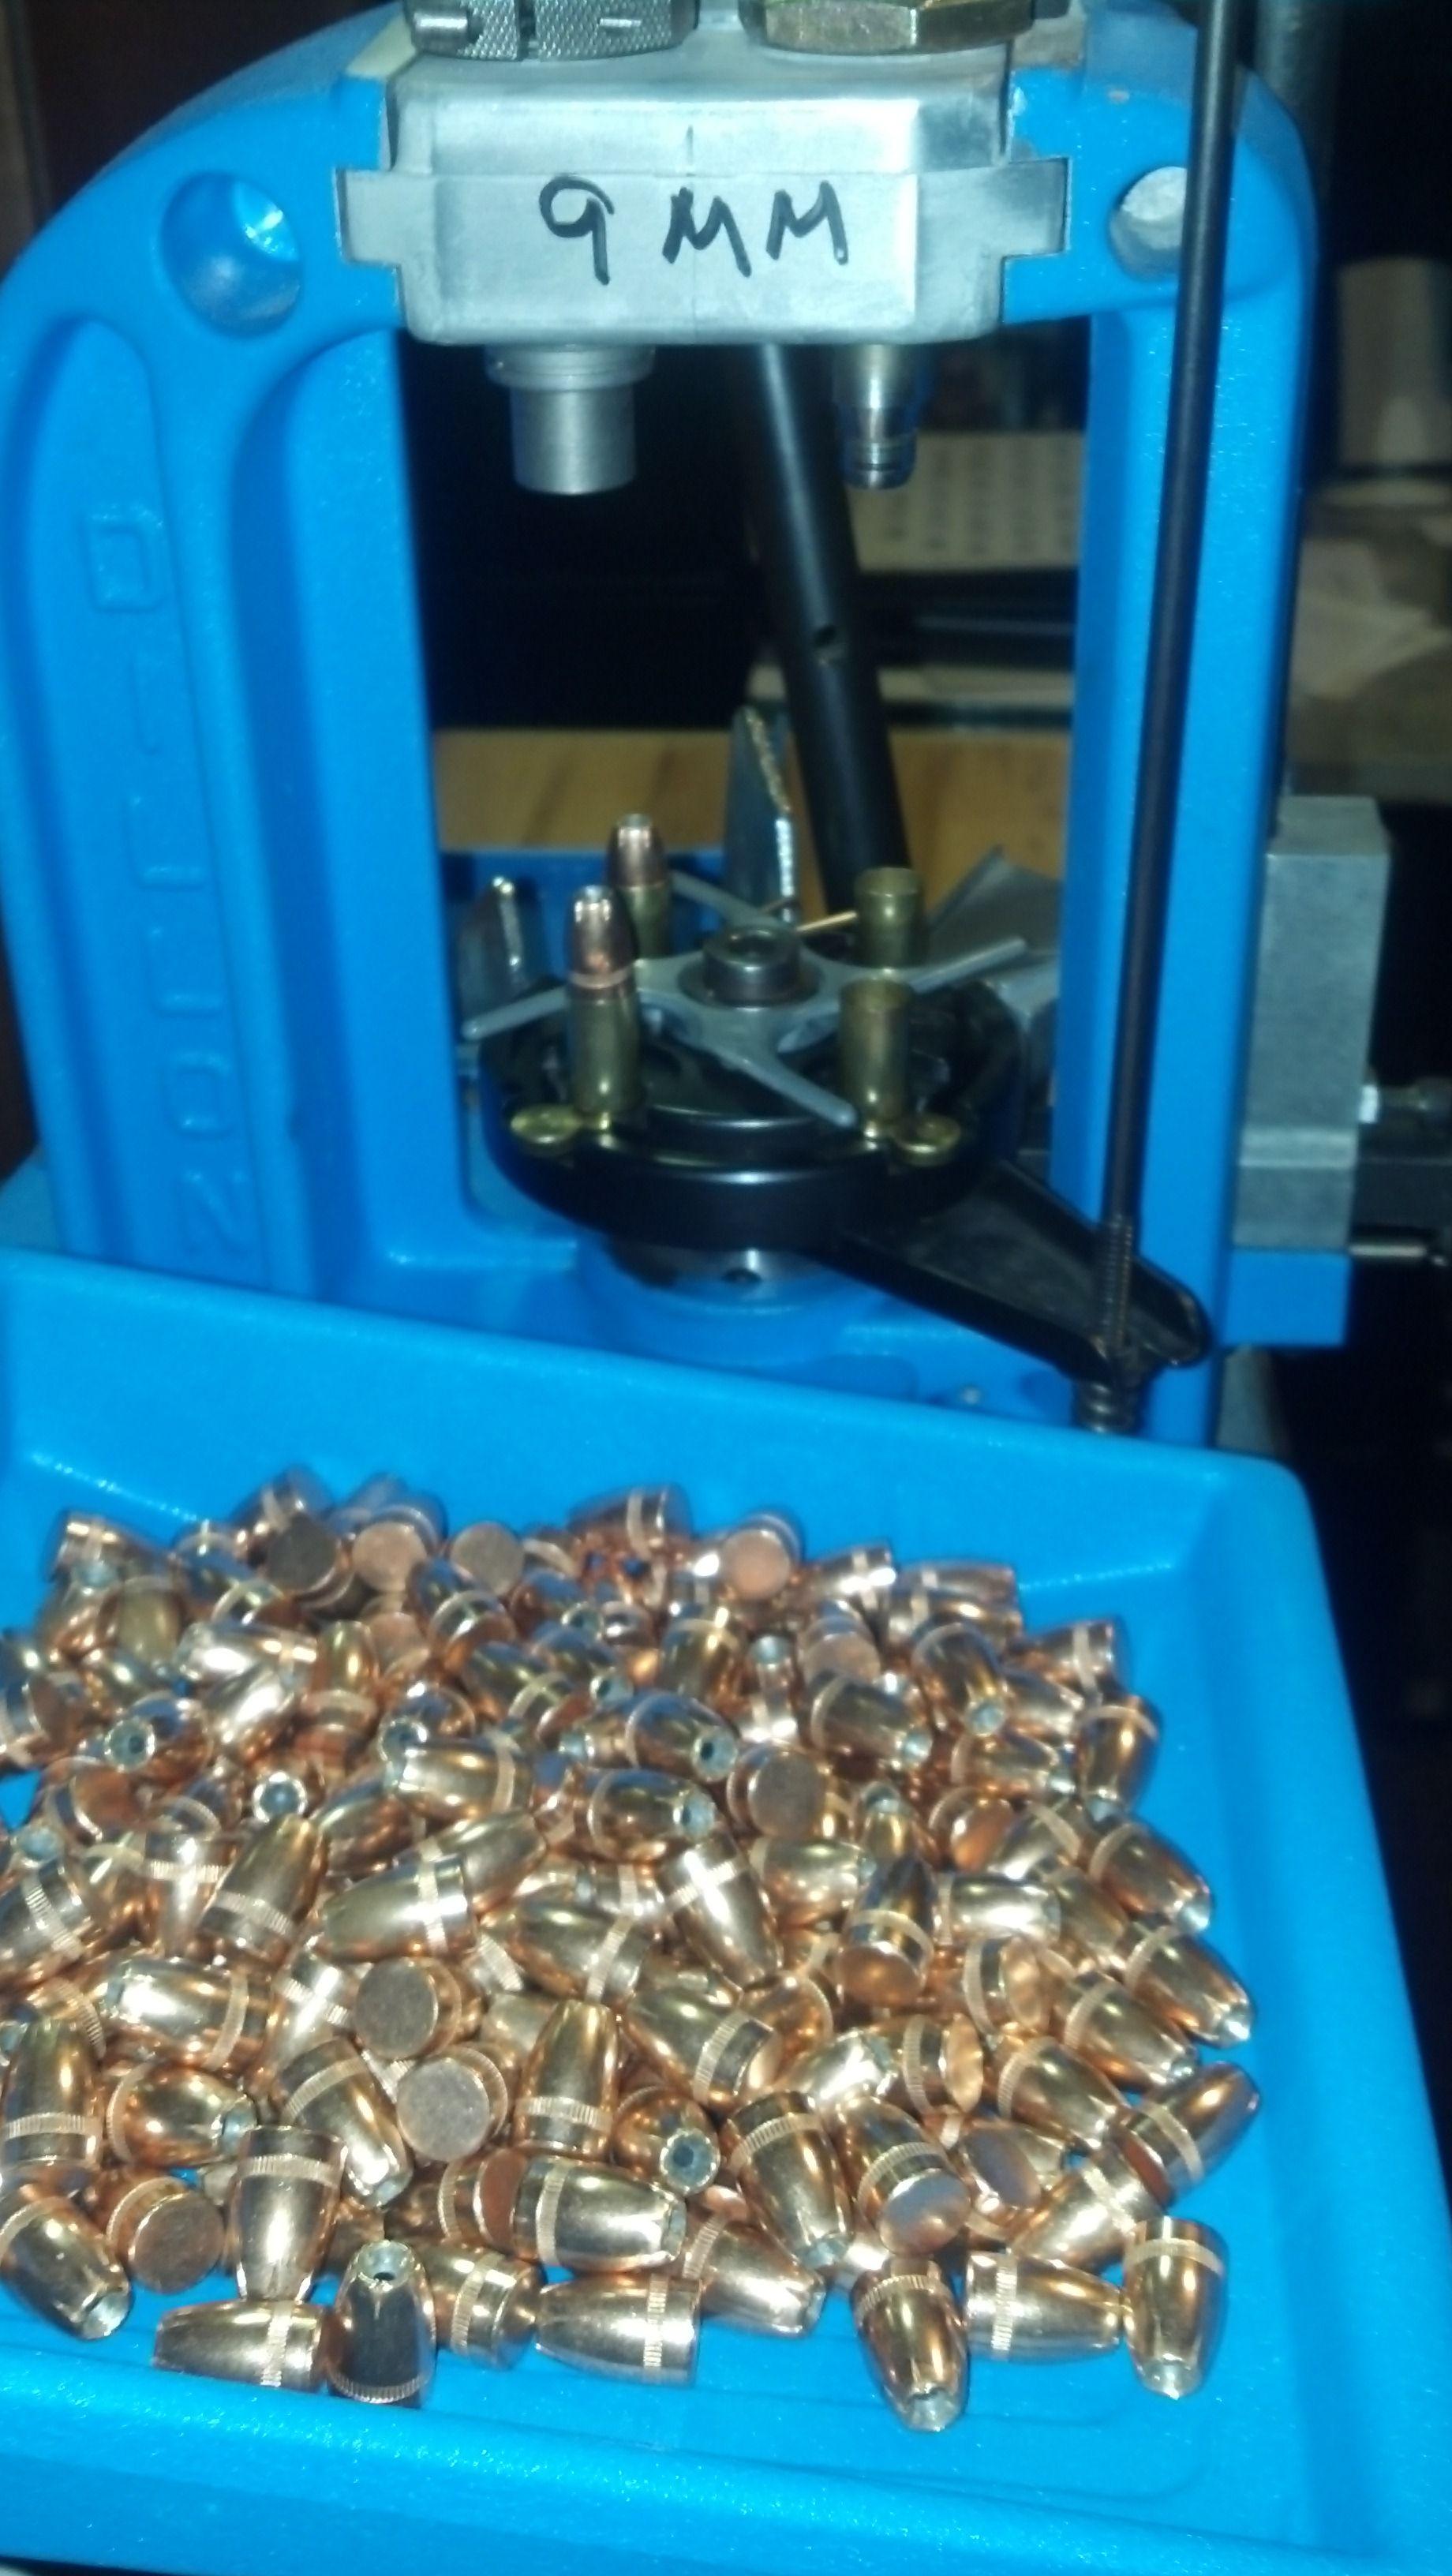 Reloading - Dillon 550 - 9mm | Reload - reloading bench | Reloading